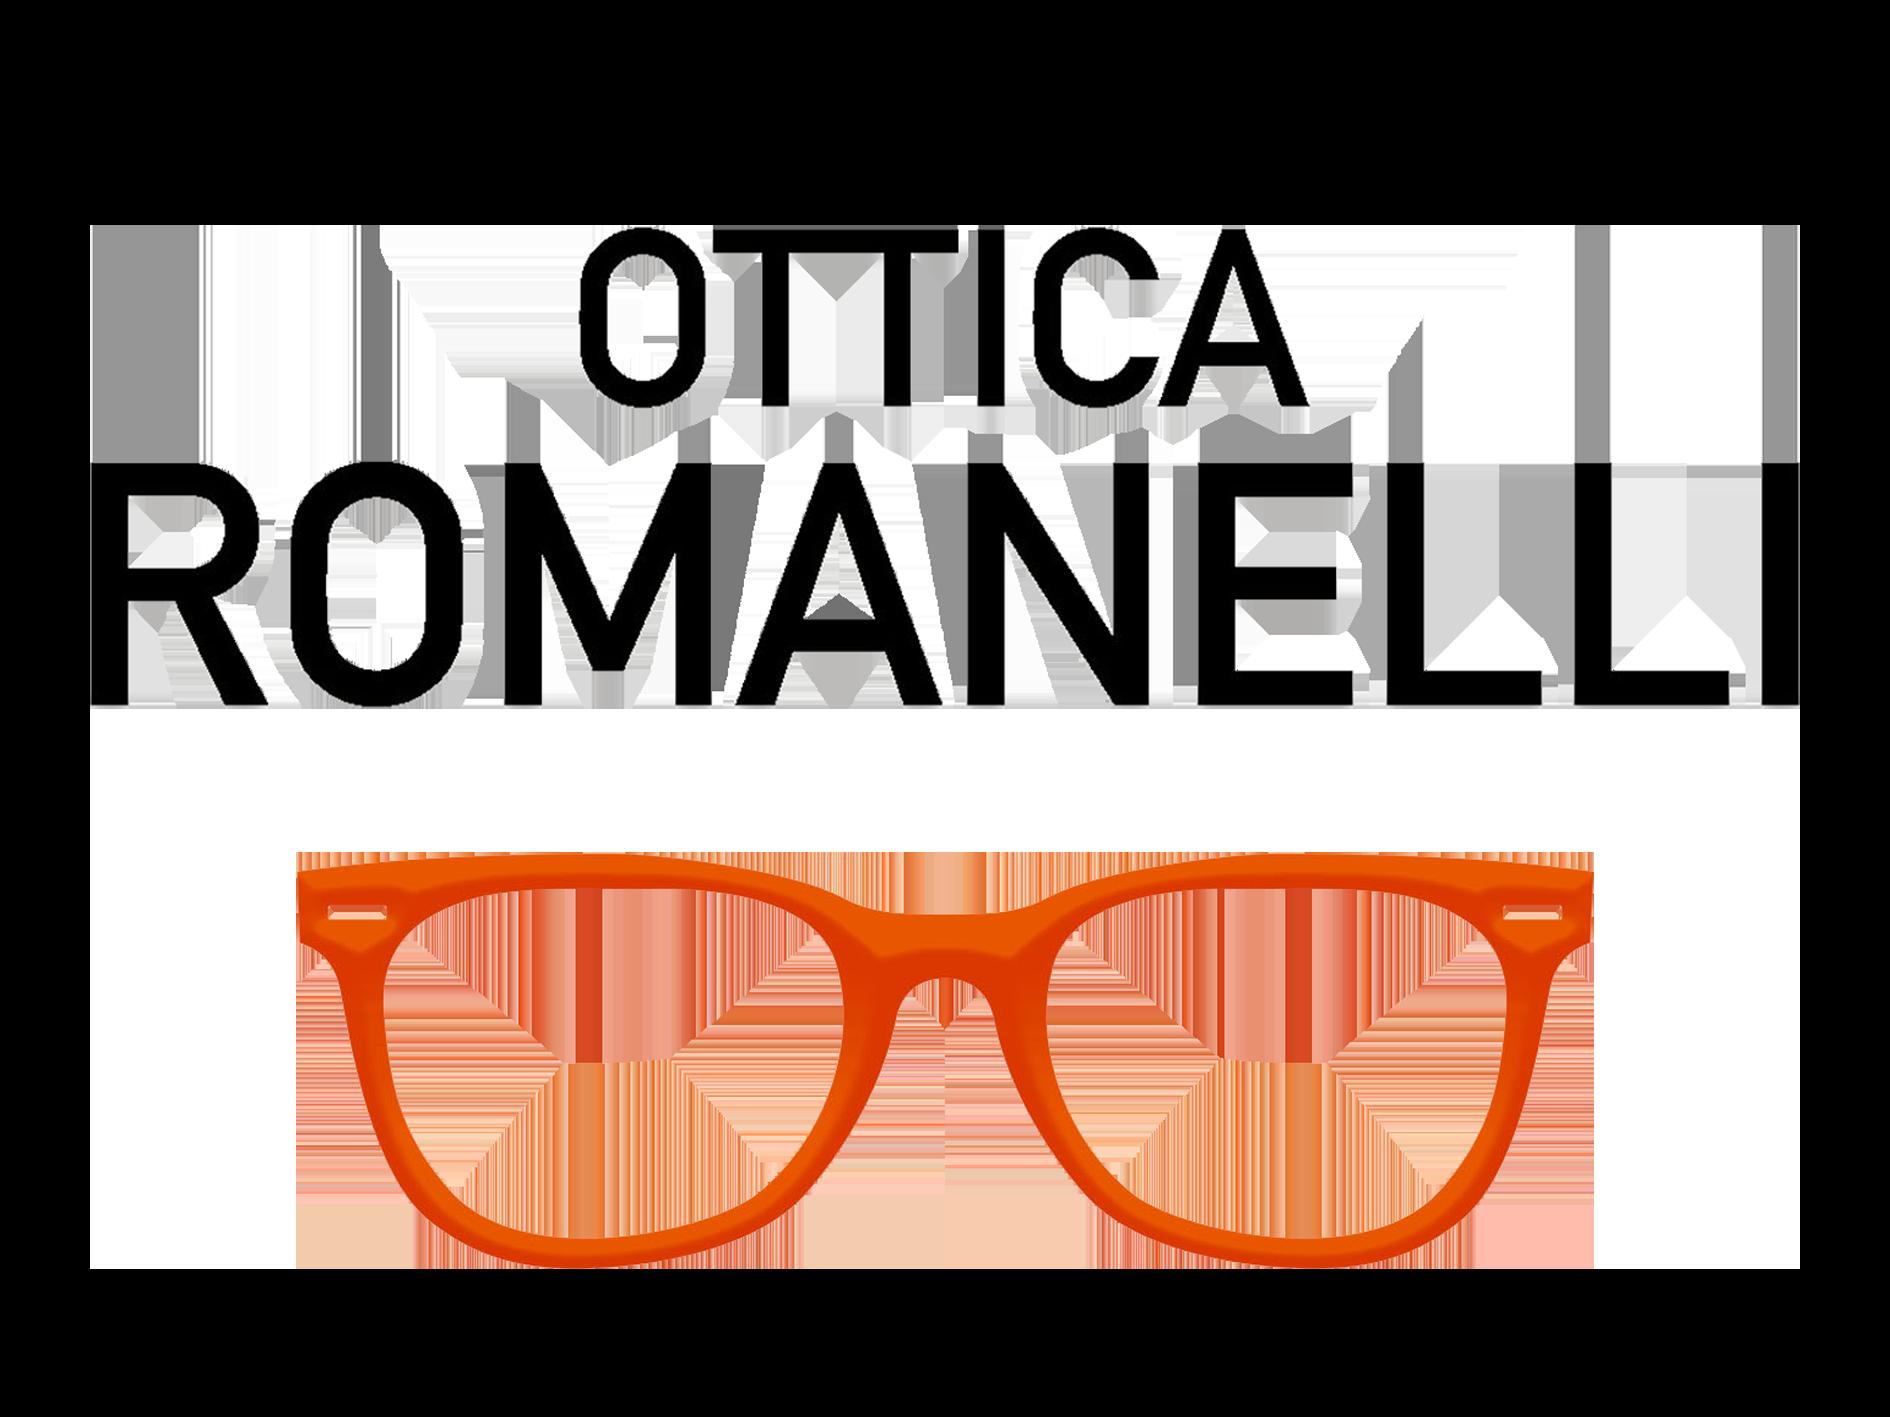 Ottica Romanelli